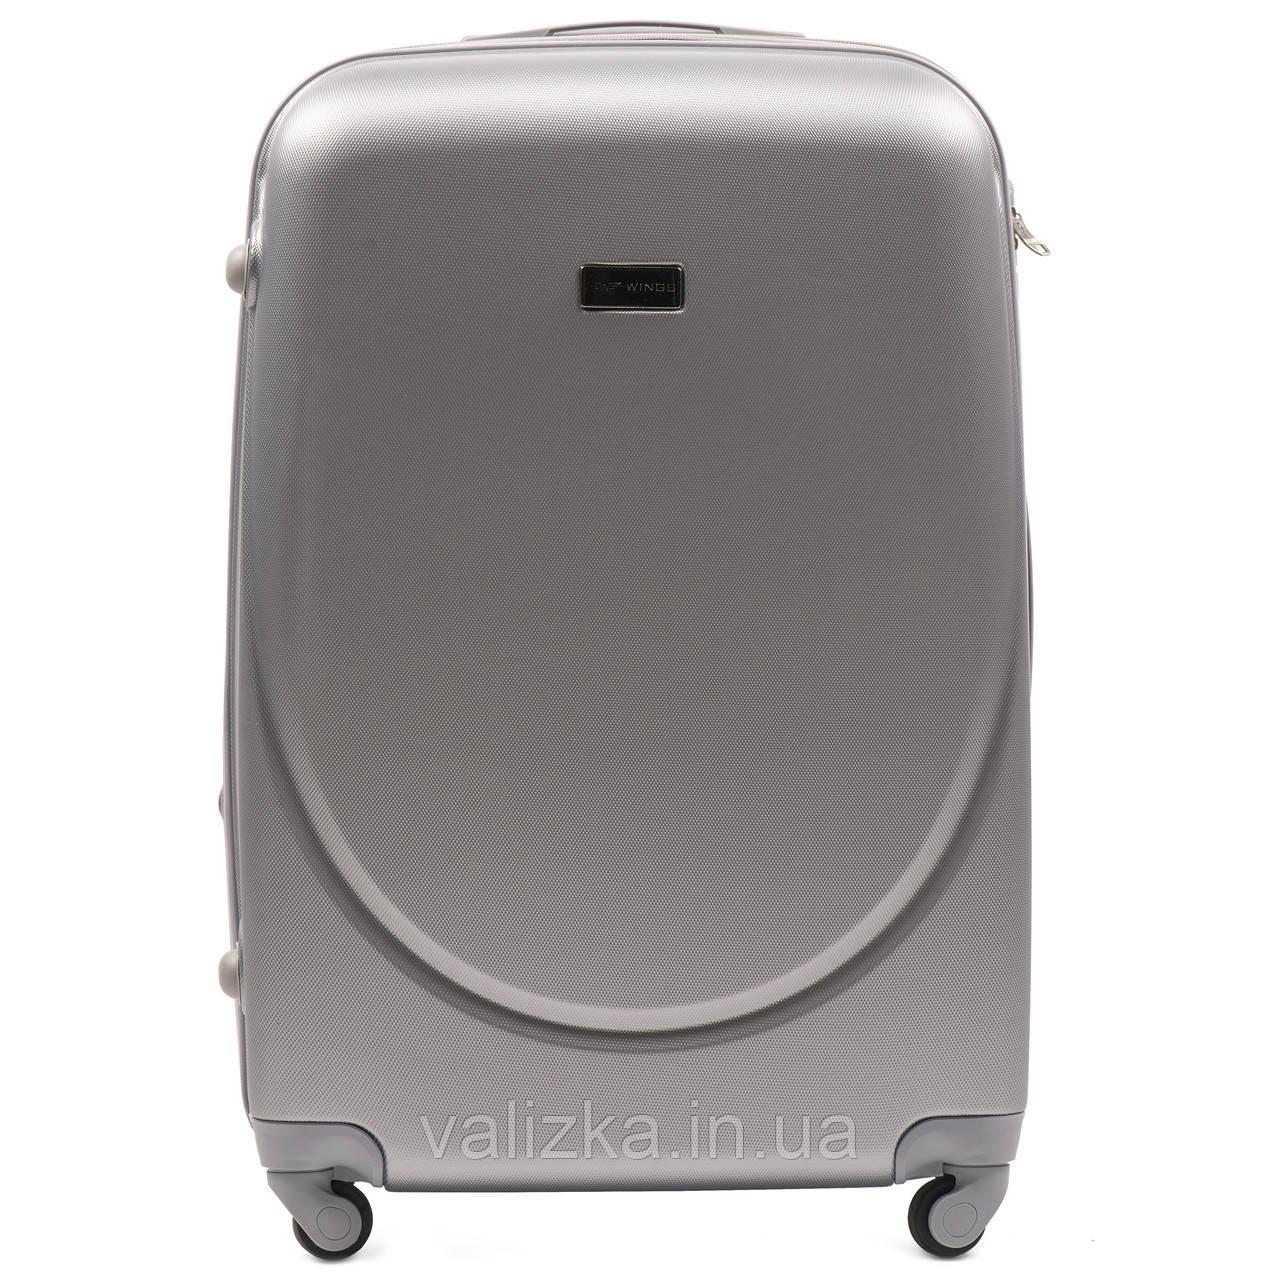 Большой пластиковый чемодан с фурнитурой в цвет серебристый